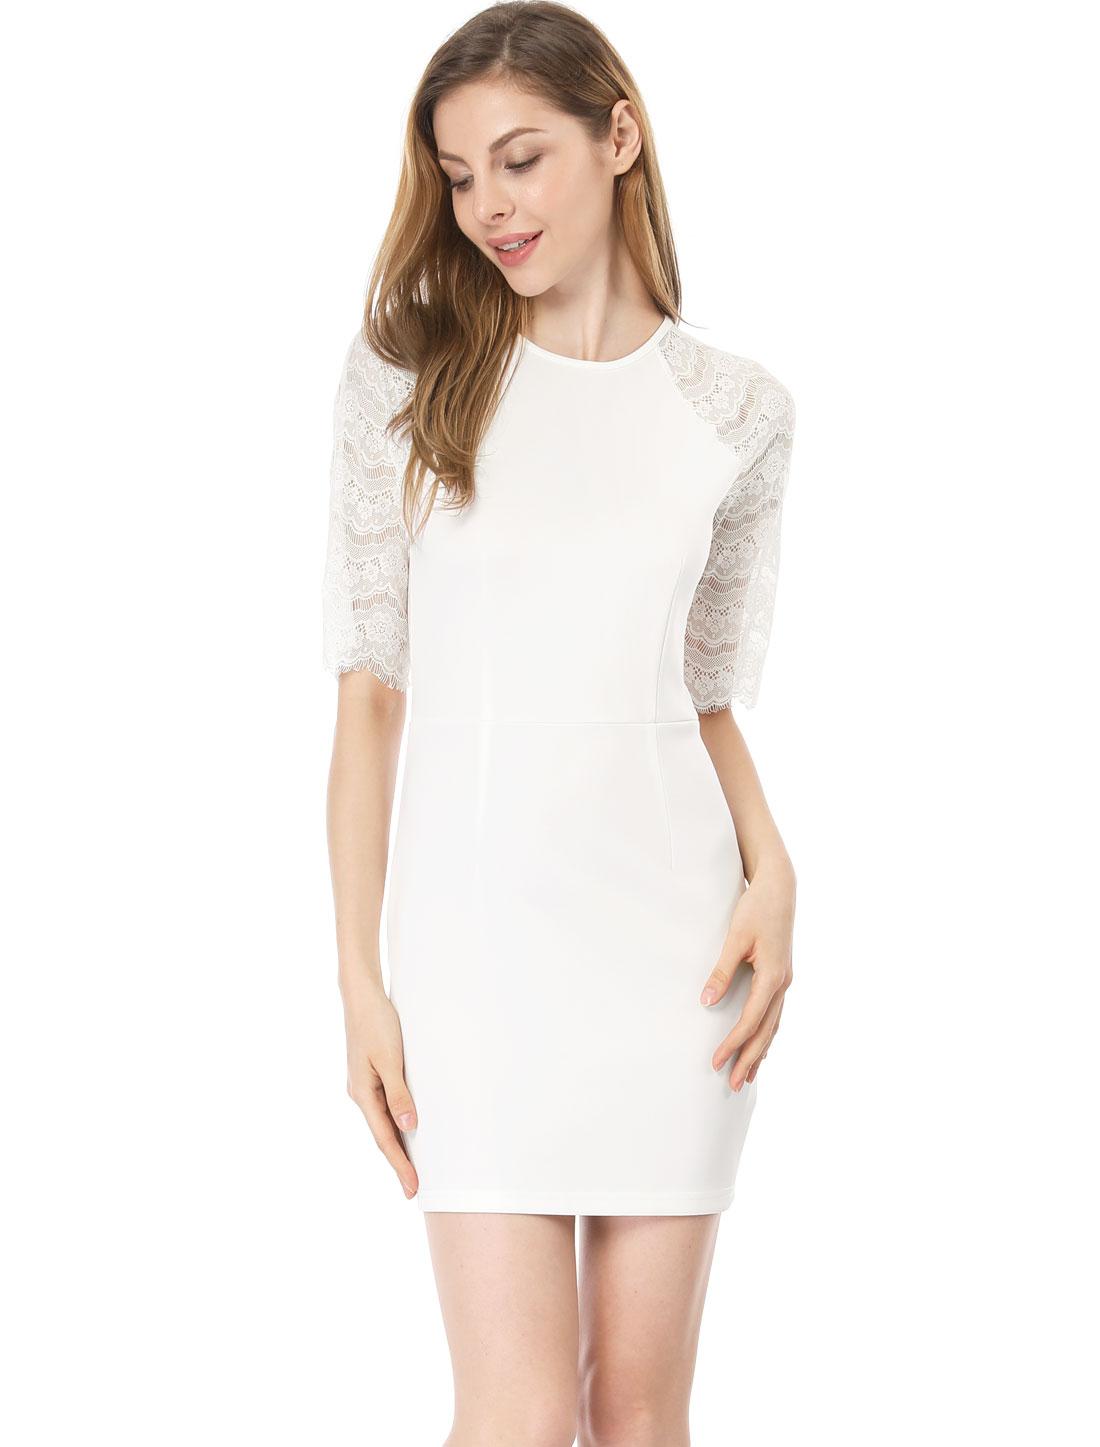 Women Round Neck Elbow Sleeves Lace Bodycon Dress White XS